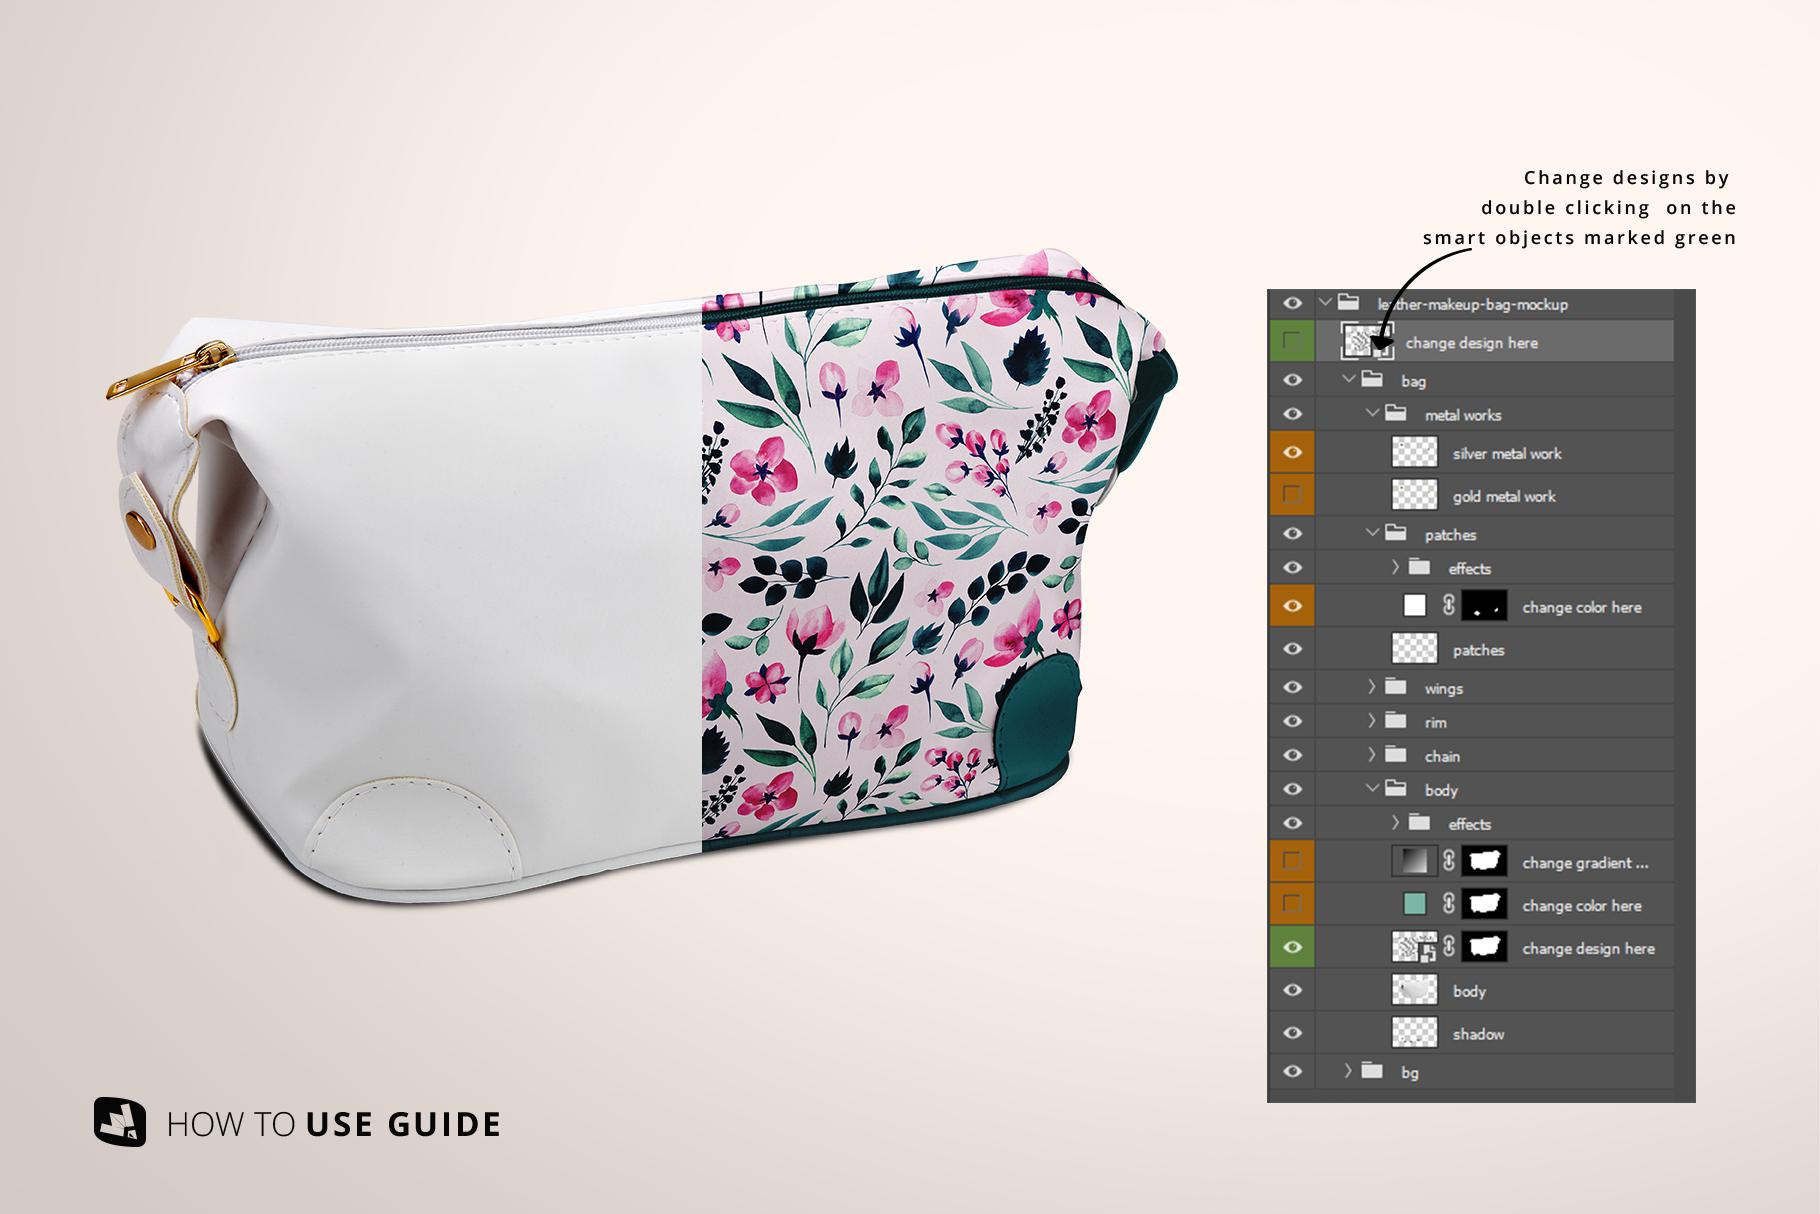 change design of the leather makeup bag mockup